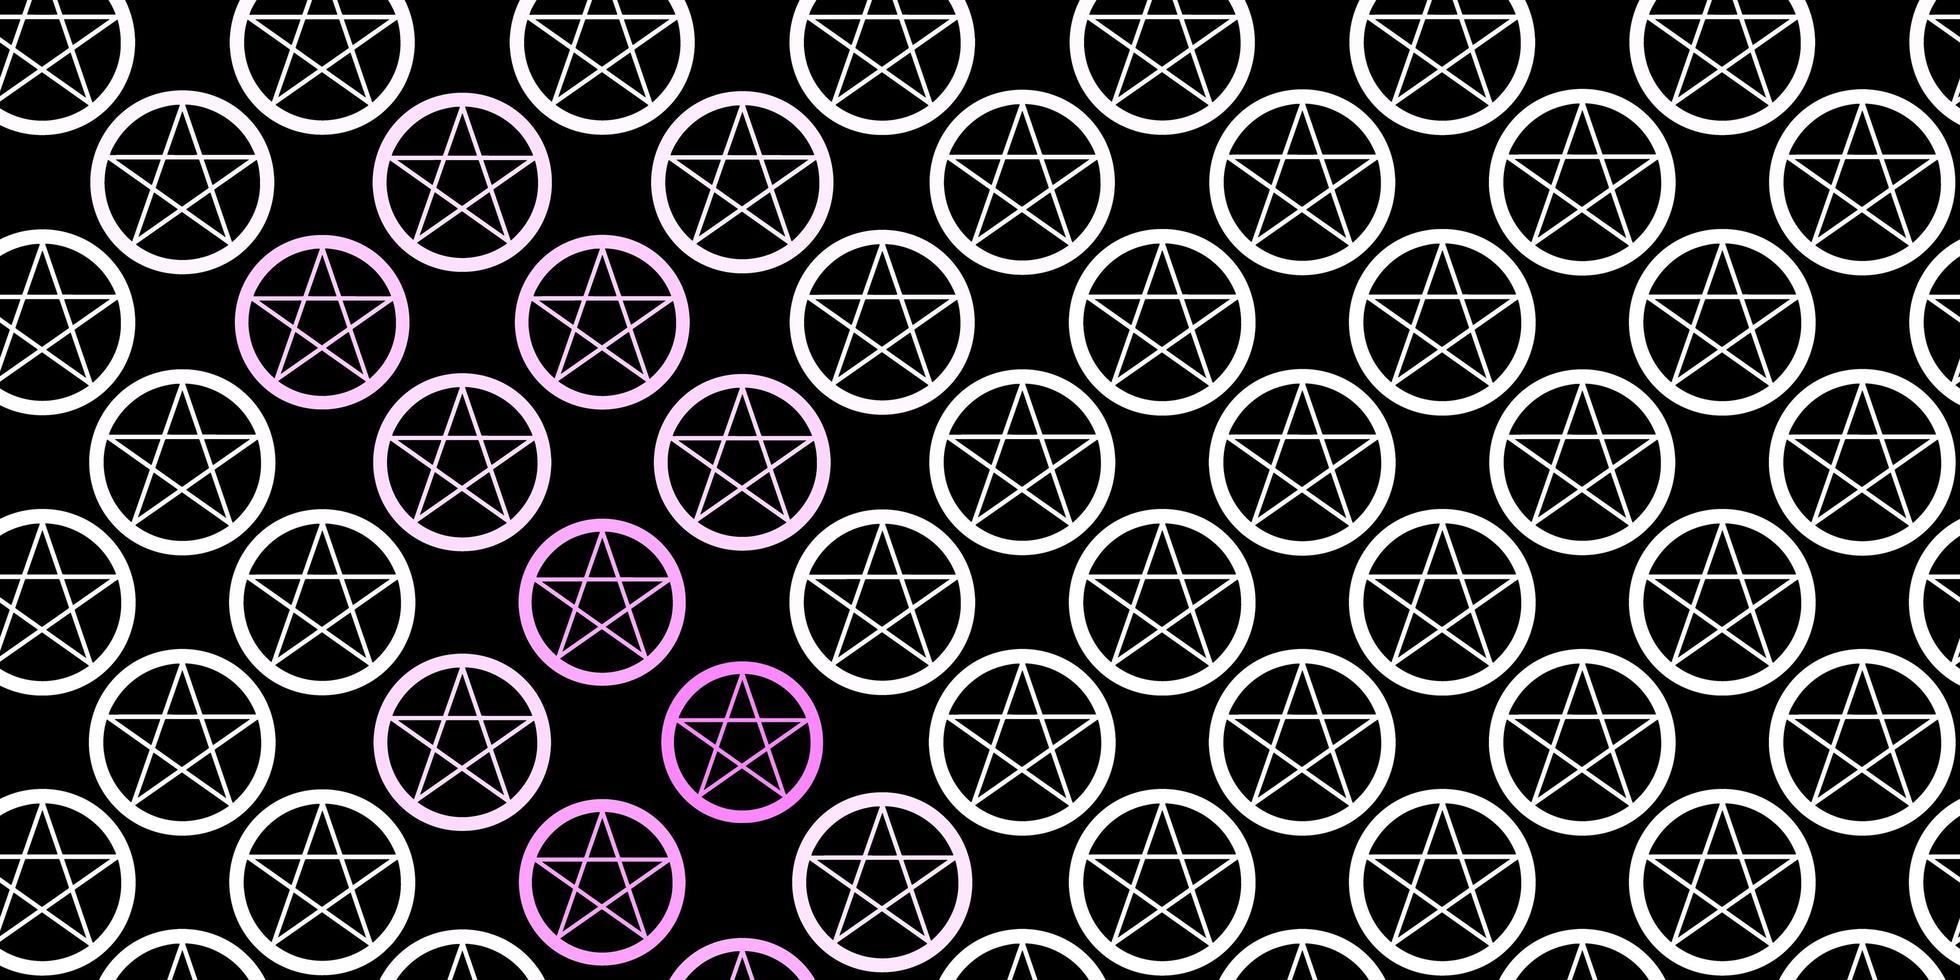 modello vettoriale viola scuro con elementi magici.